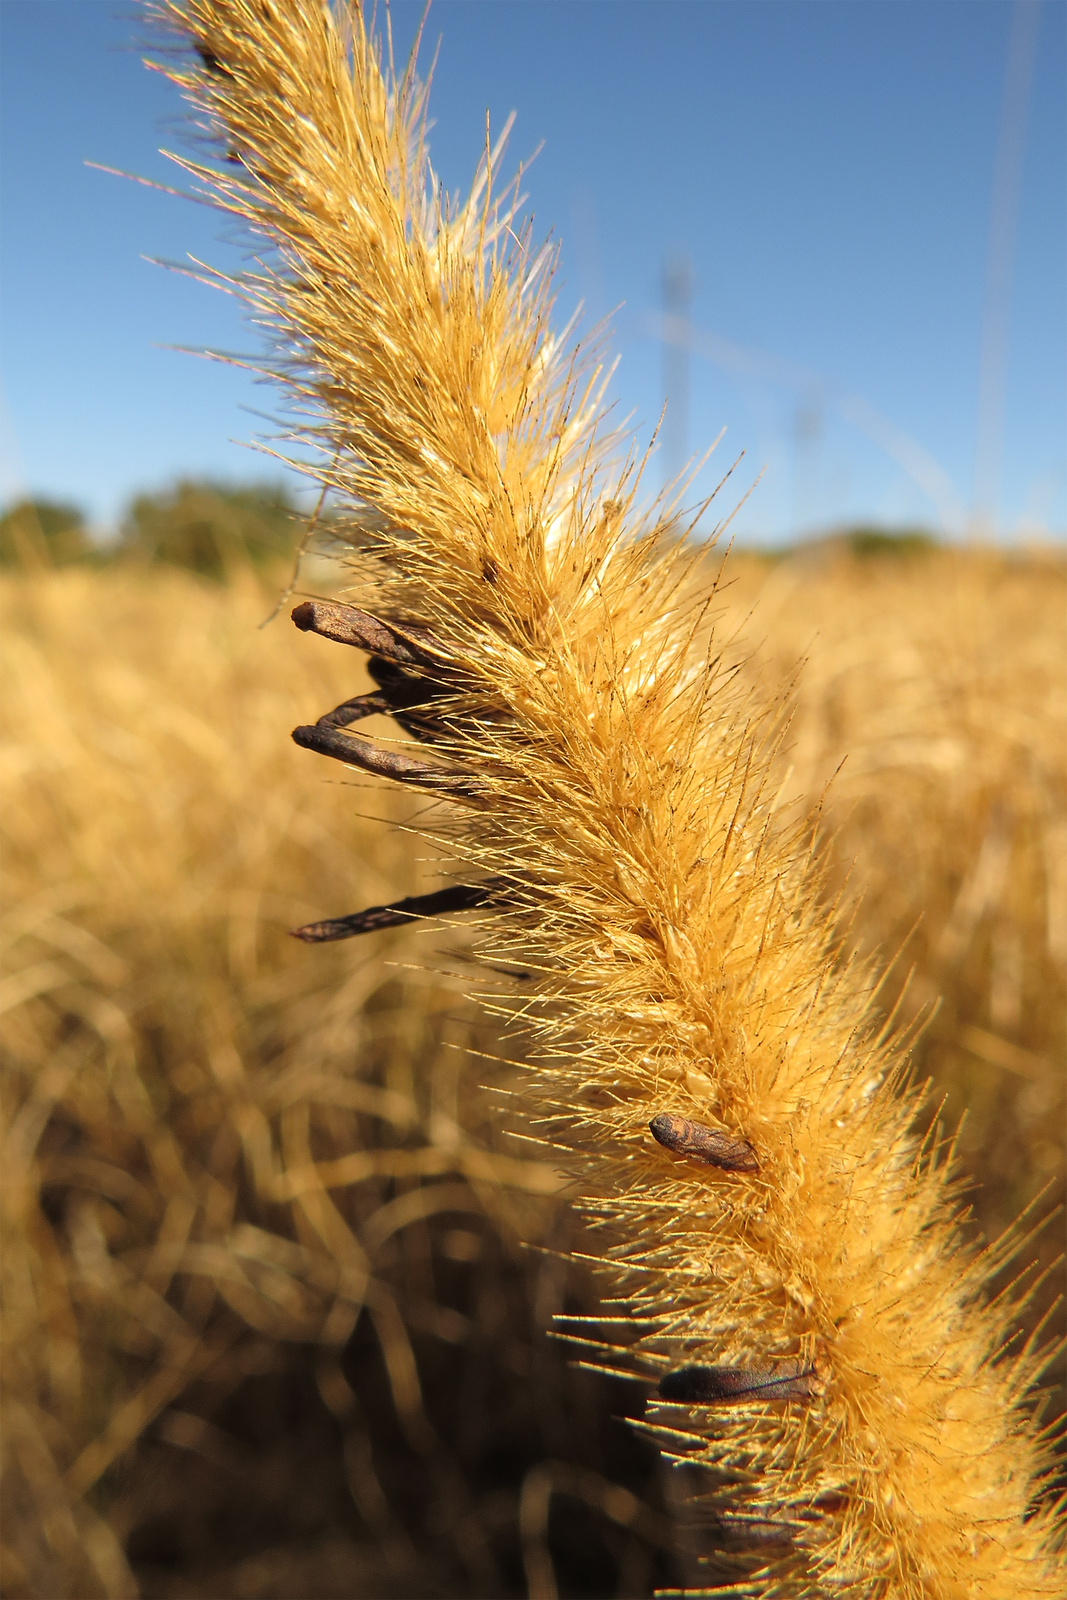 Fotografia przedstawia zbliżenie żółtego kłosa na tle pola. Po lewej stronie między łuskami znajdują się ciemne, wydłużone kształty. To sporysz, czyli forma przetrwalnikowa grzyba buławinki czerwonej. Poraża ona kwiatostany traw izbóż.